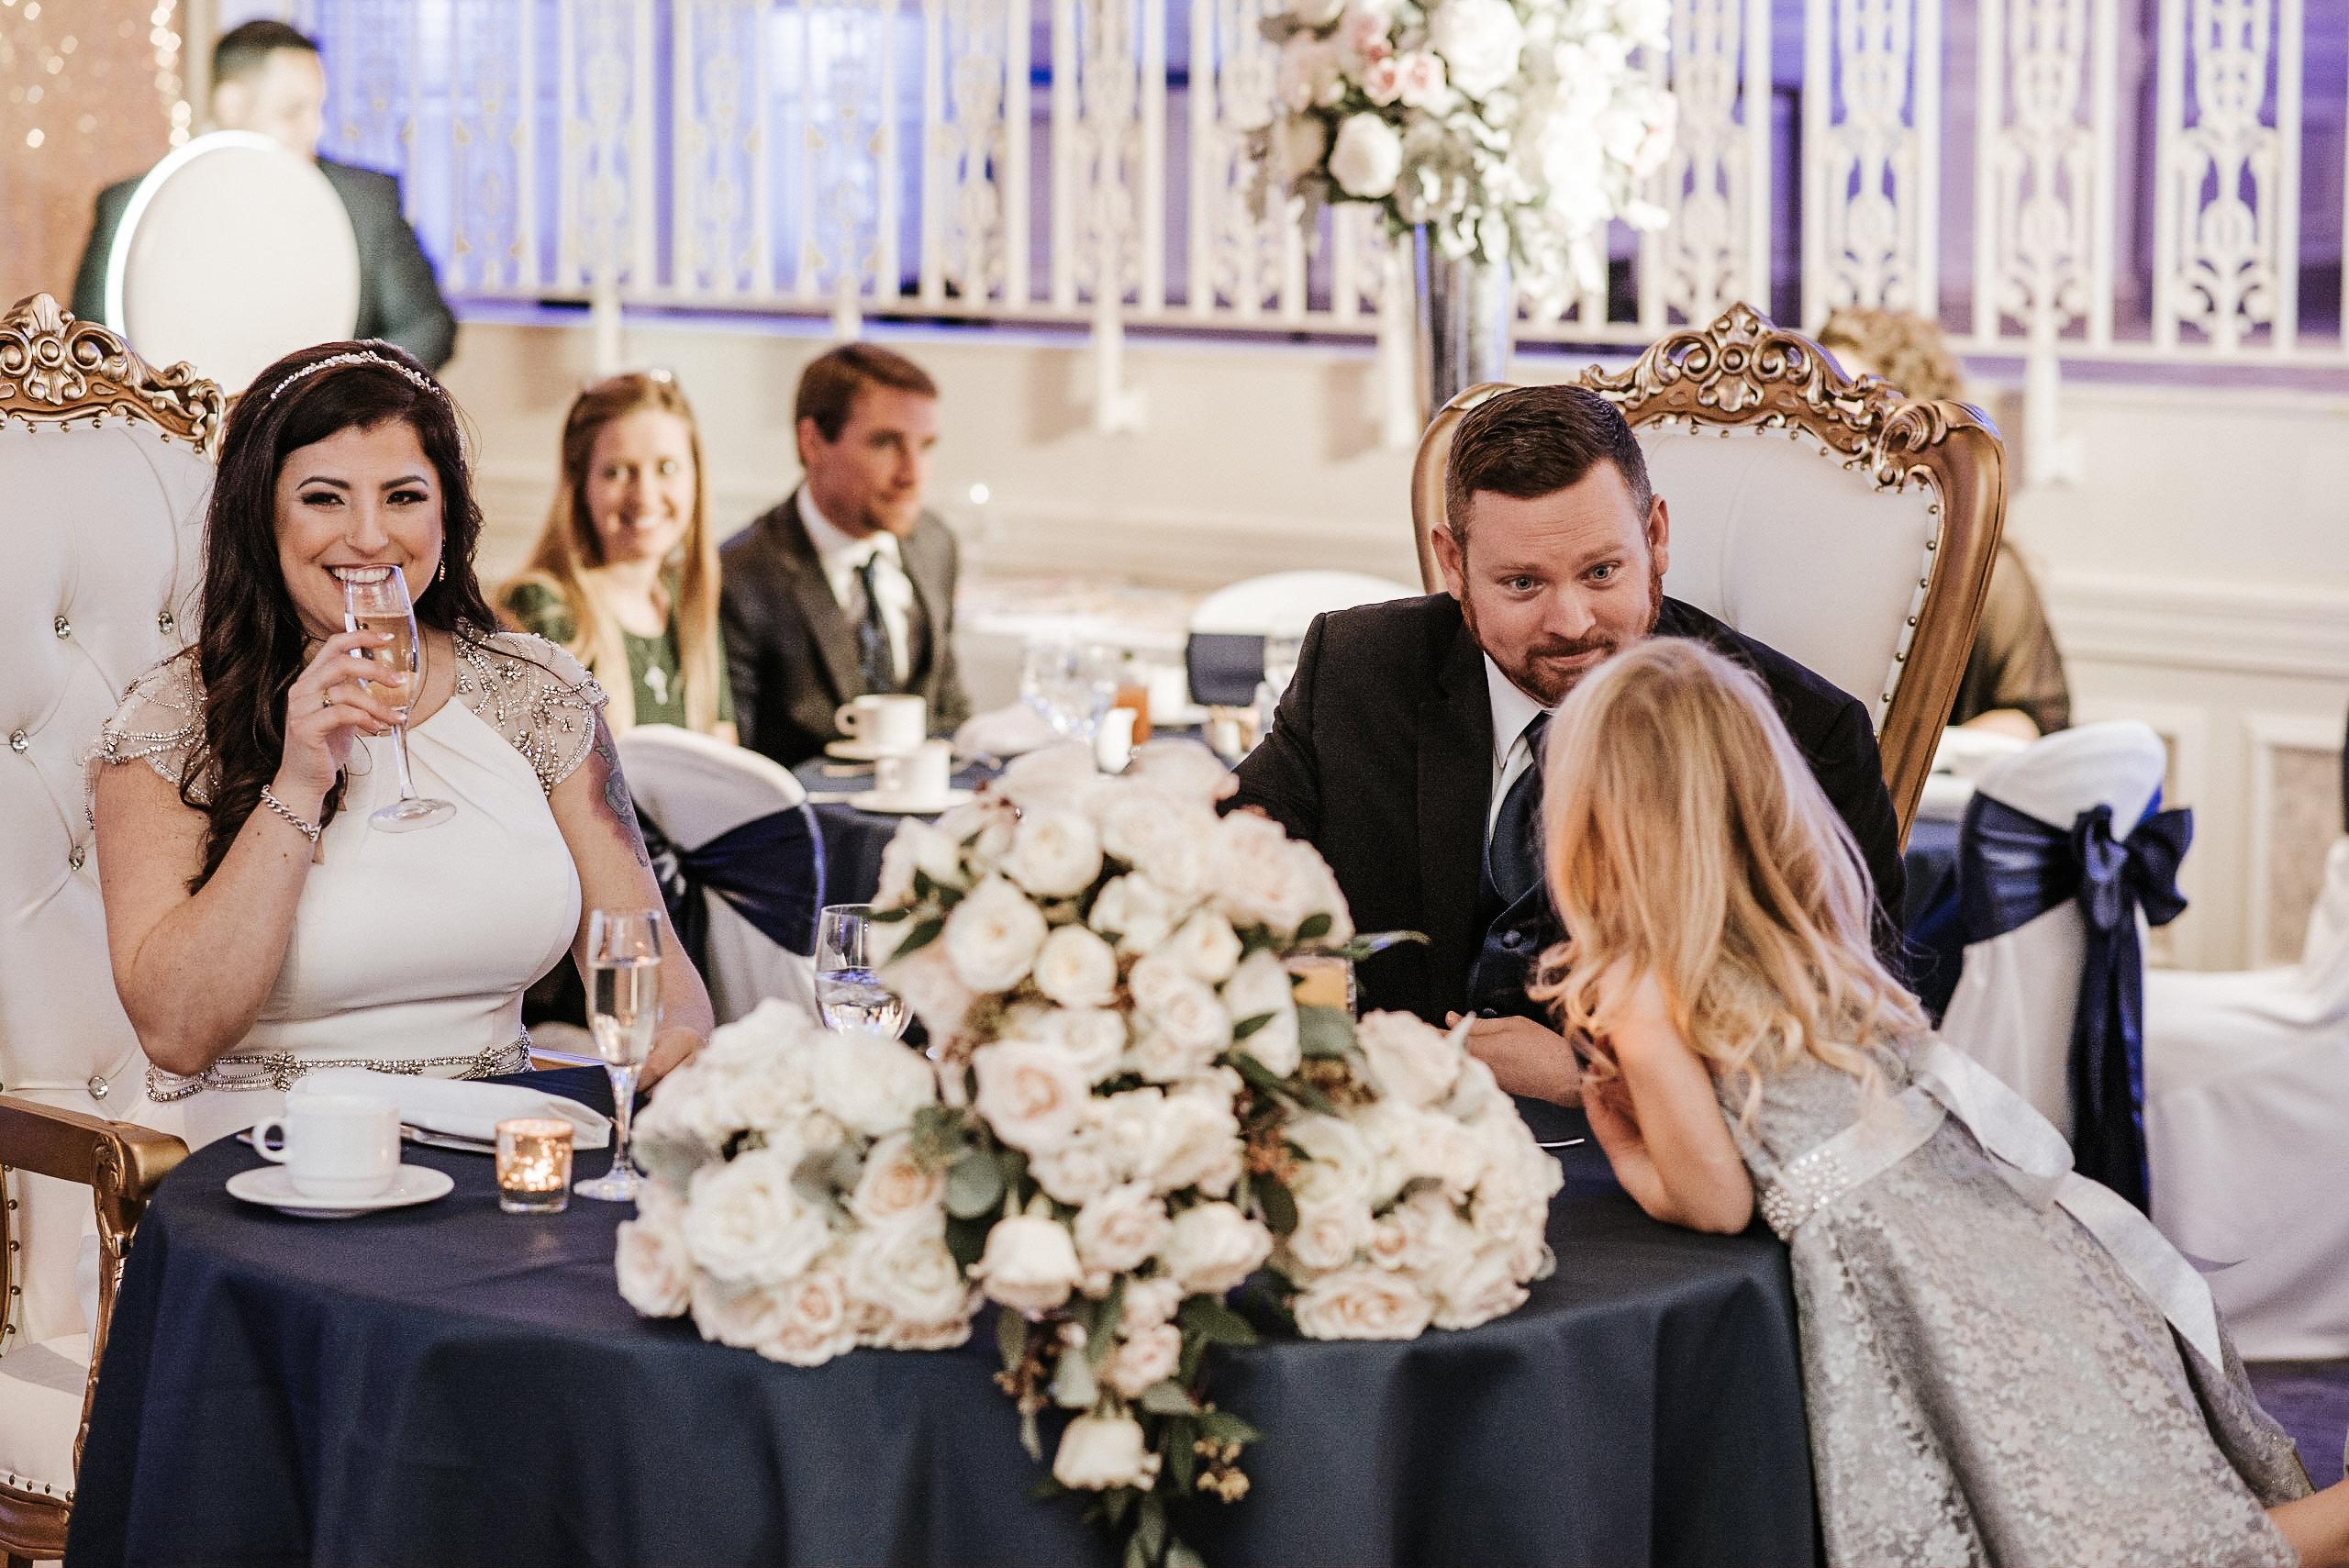 Wedding in a Week Winning Couple